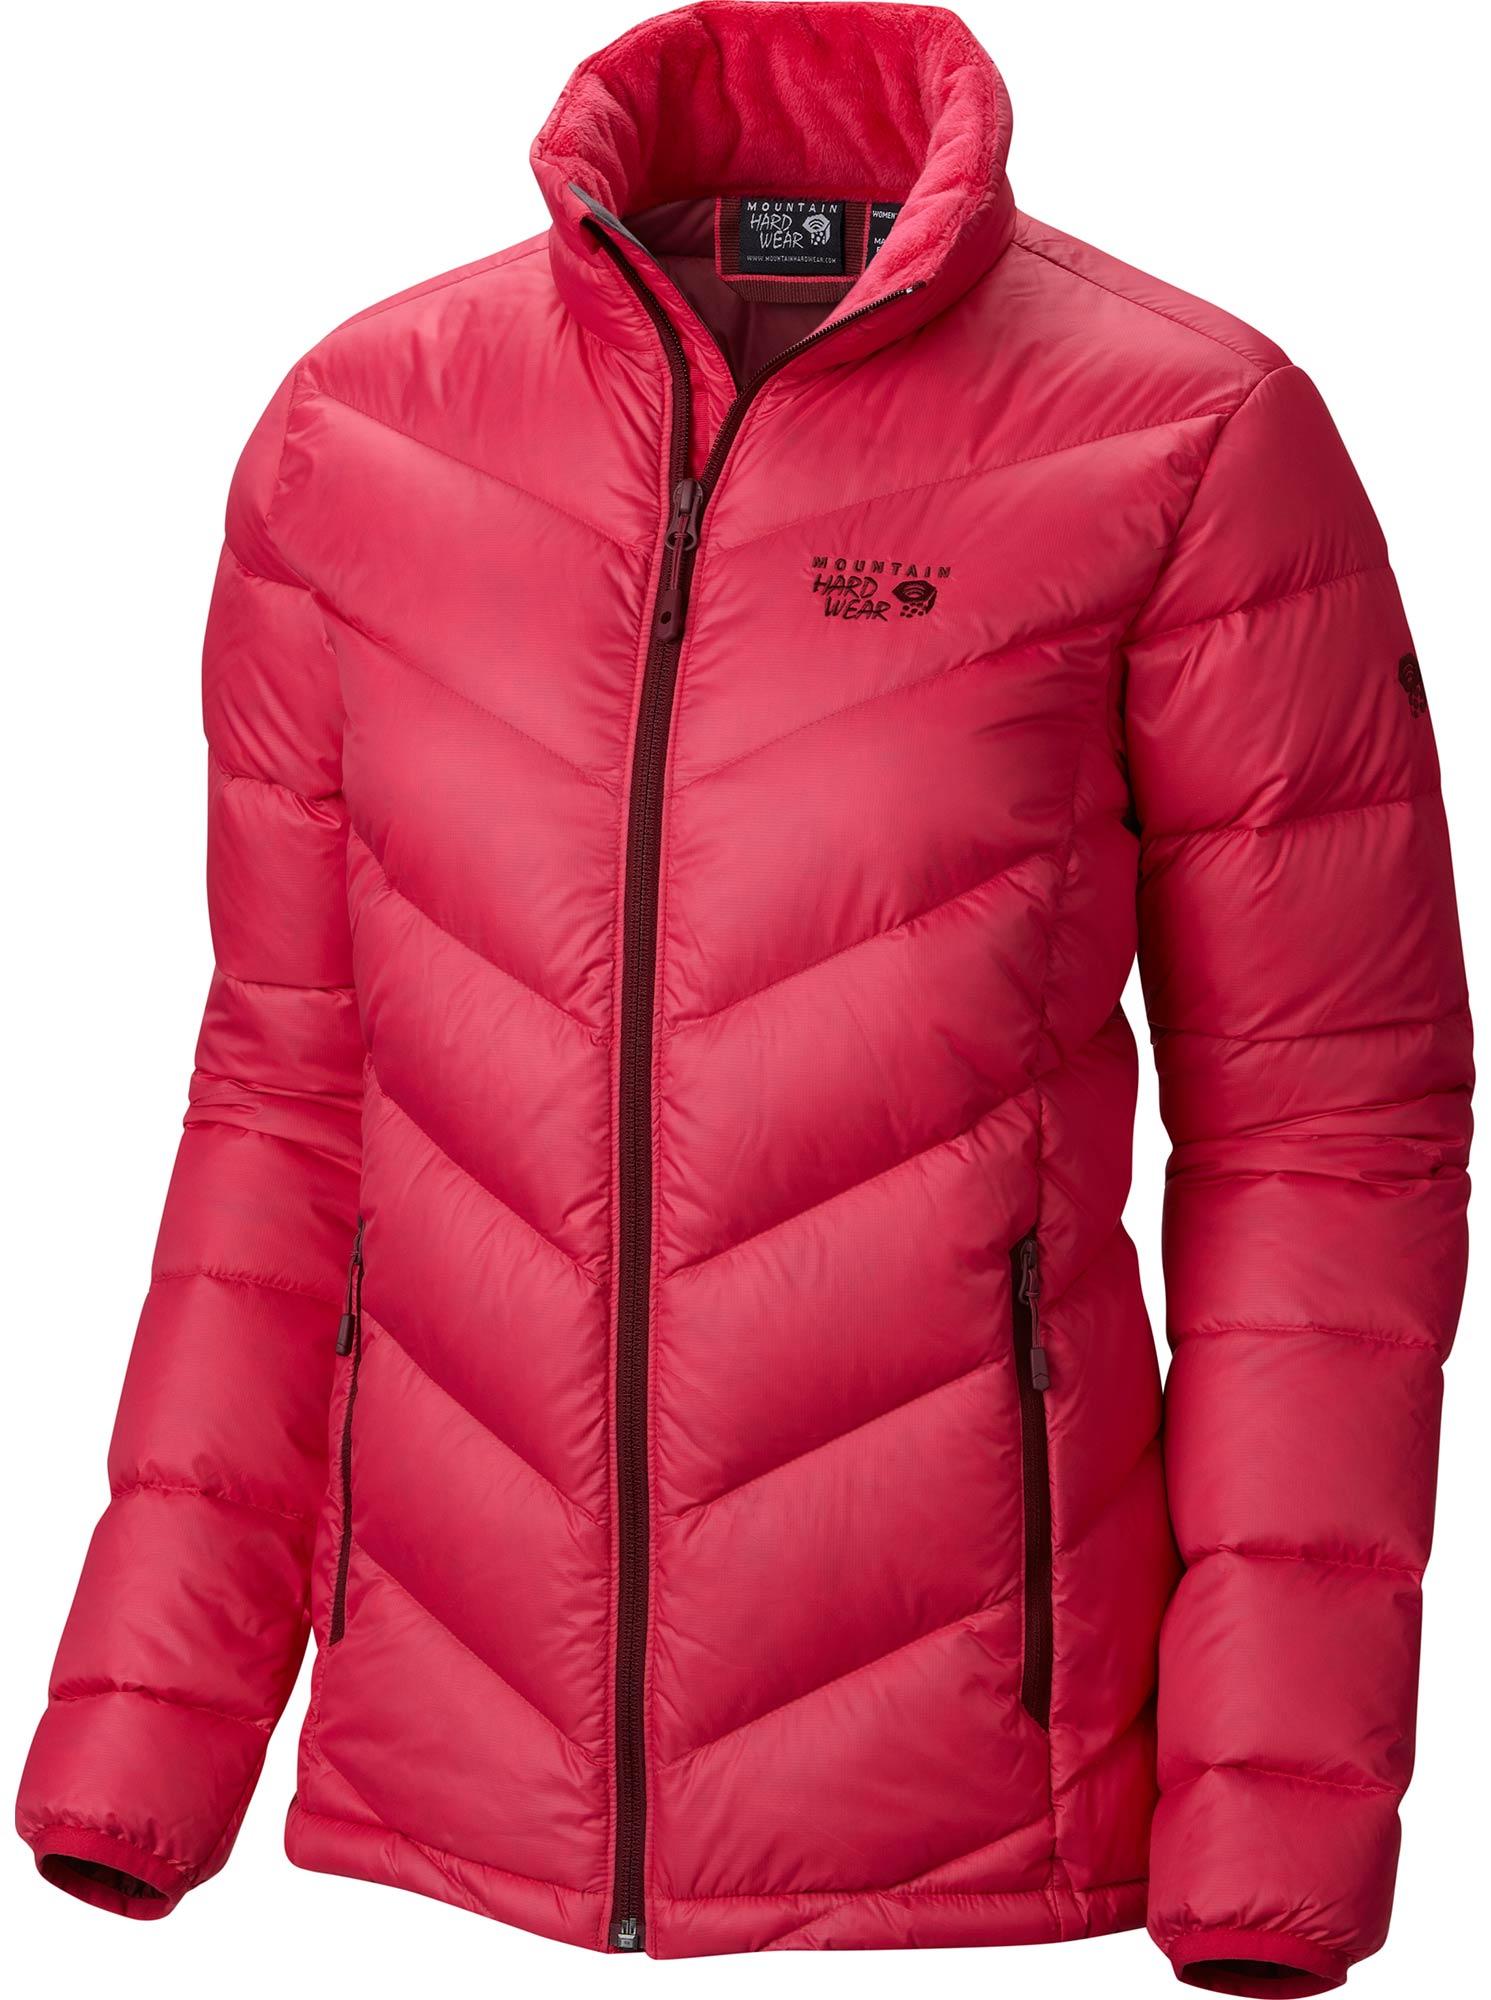 Mountain Hardwear Куртка пуховая женская Mountain Hardwear Ratio mountain hardwear шапка женская mountain hardwear sweet ride